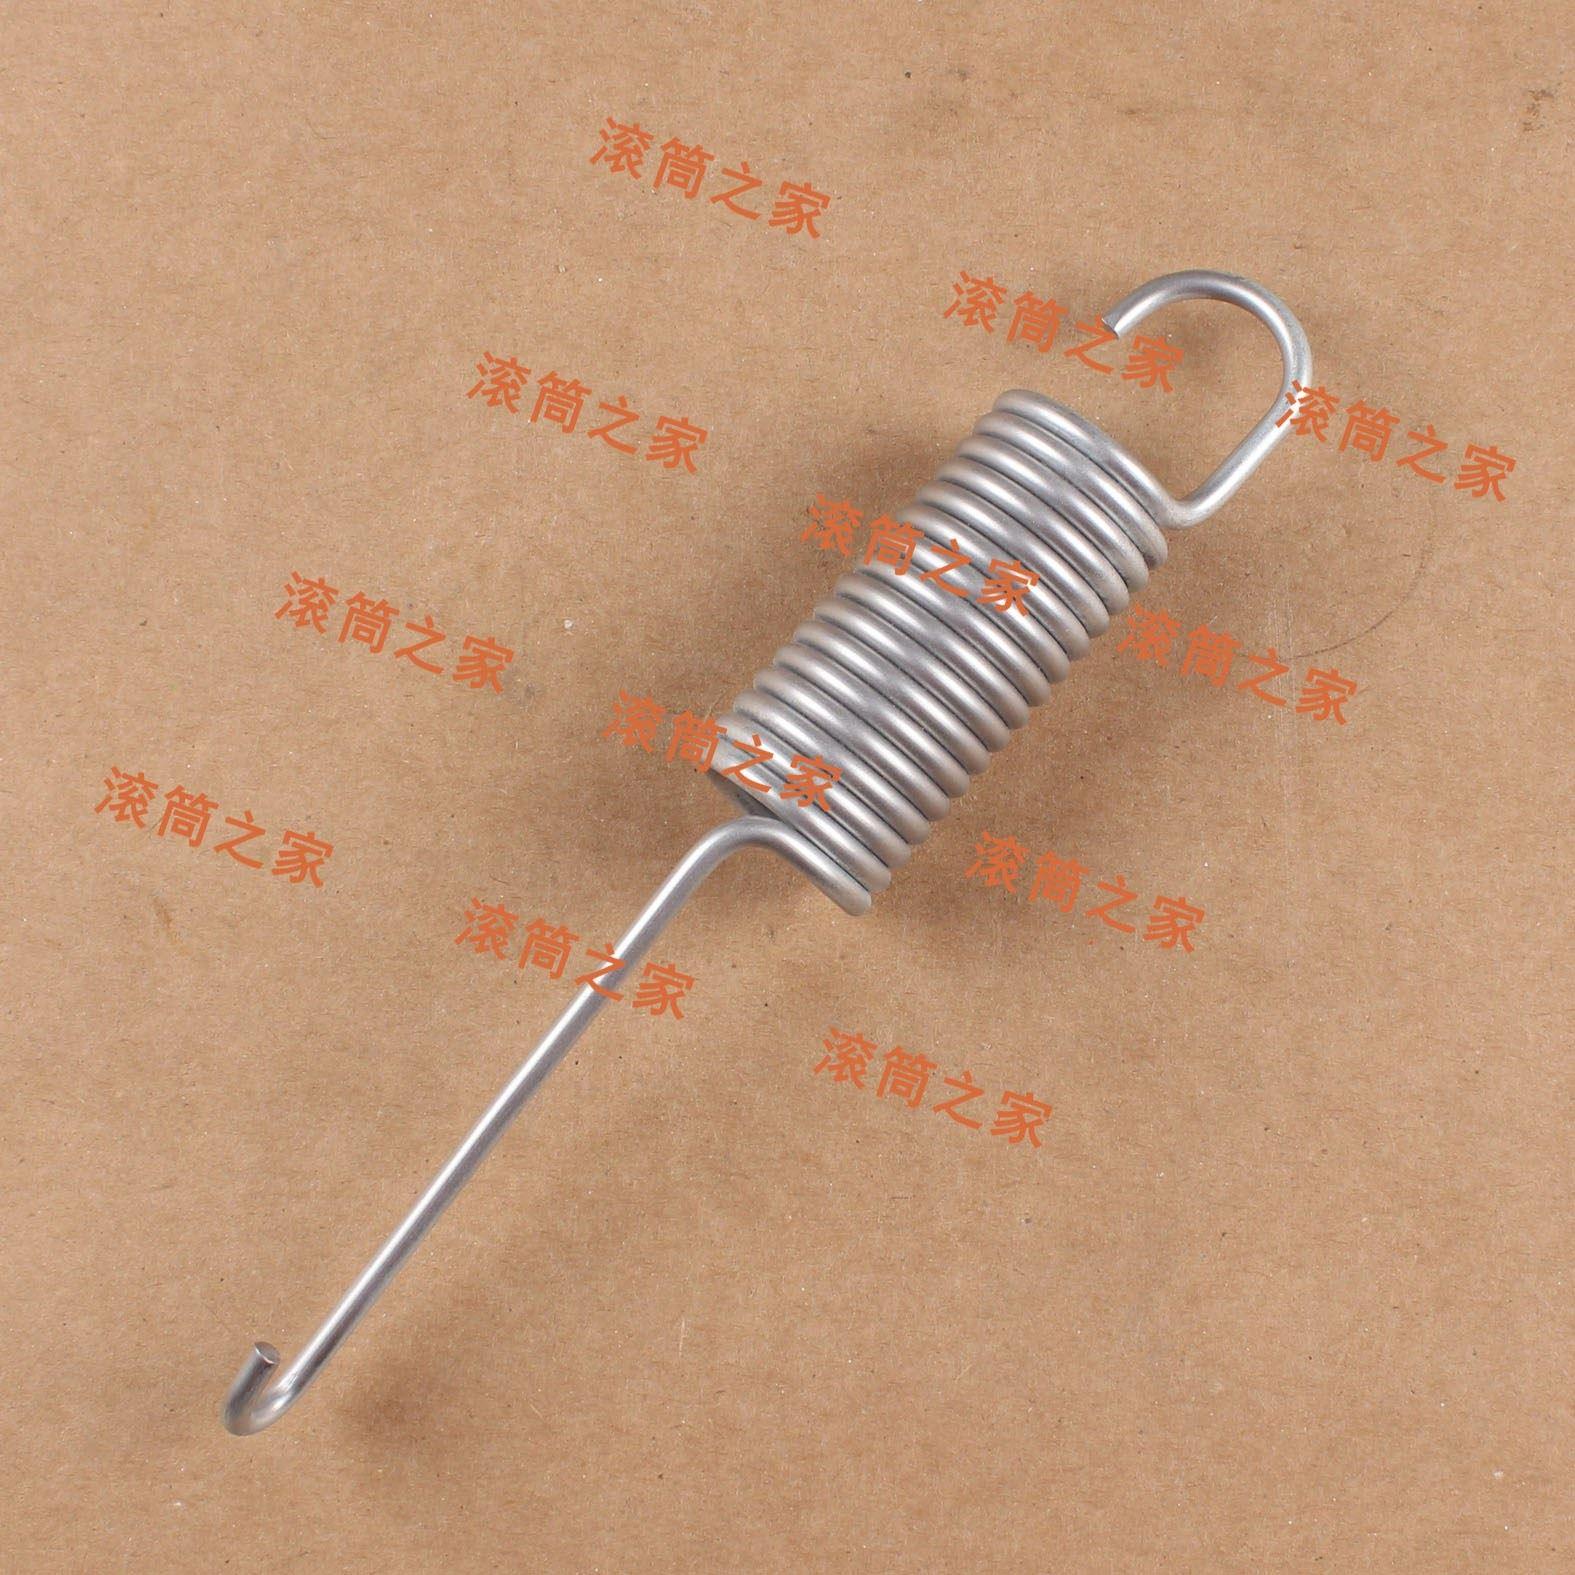 松下滚筒一支XQG60-V62NS吊簧洗衣机拉簧弹簧